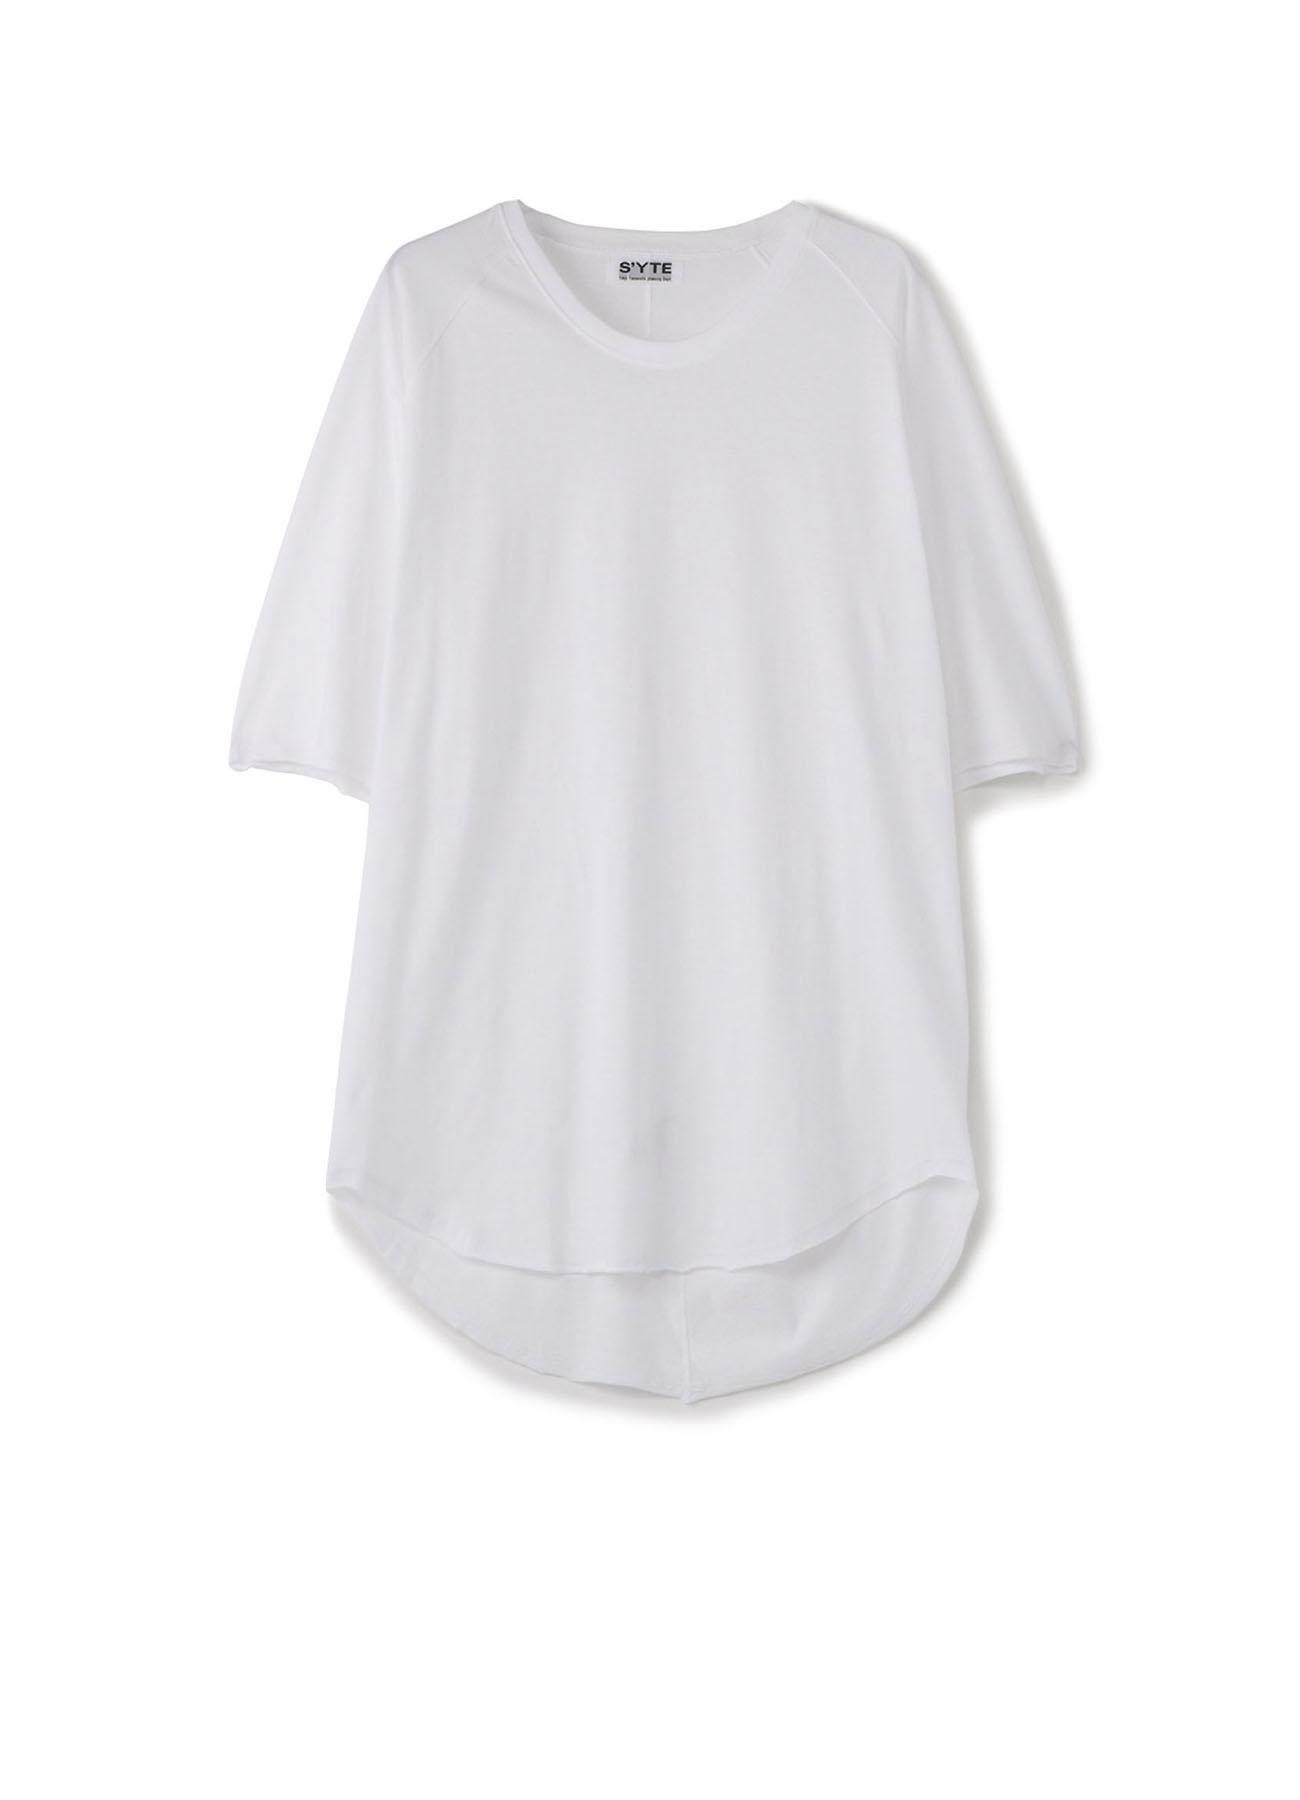 30/2 细平纹常规大圆领T恤